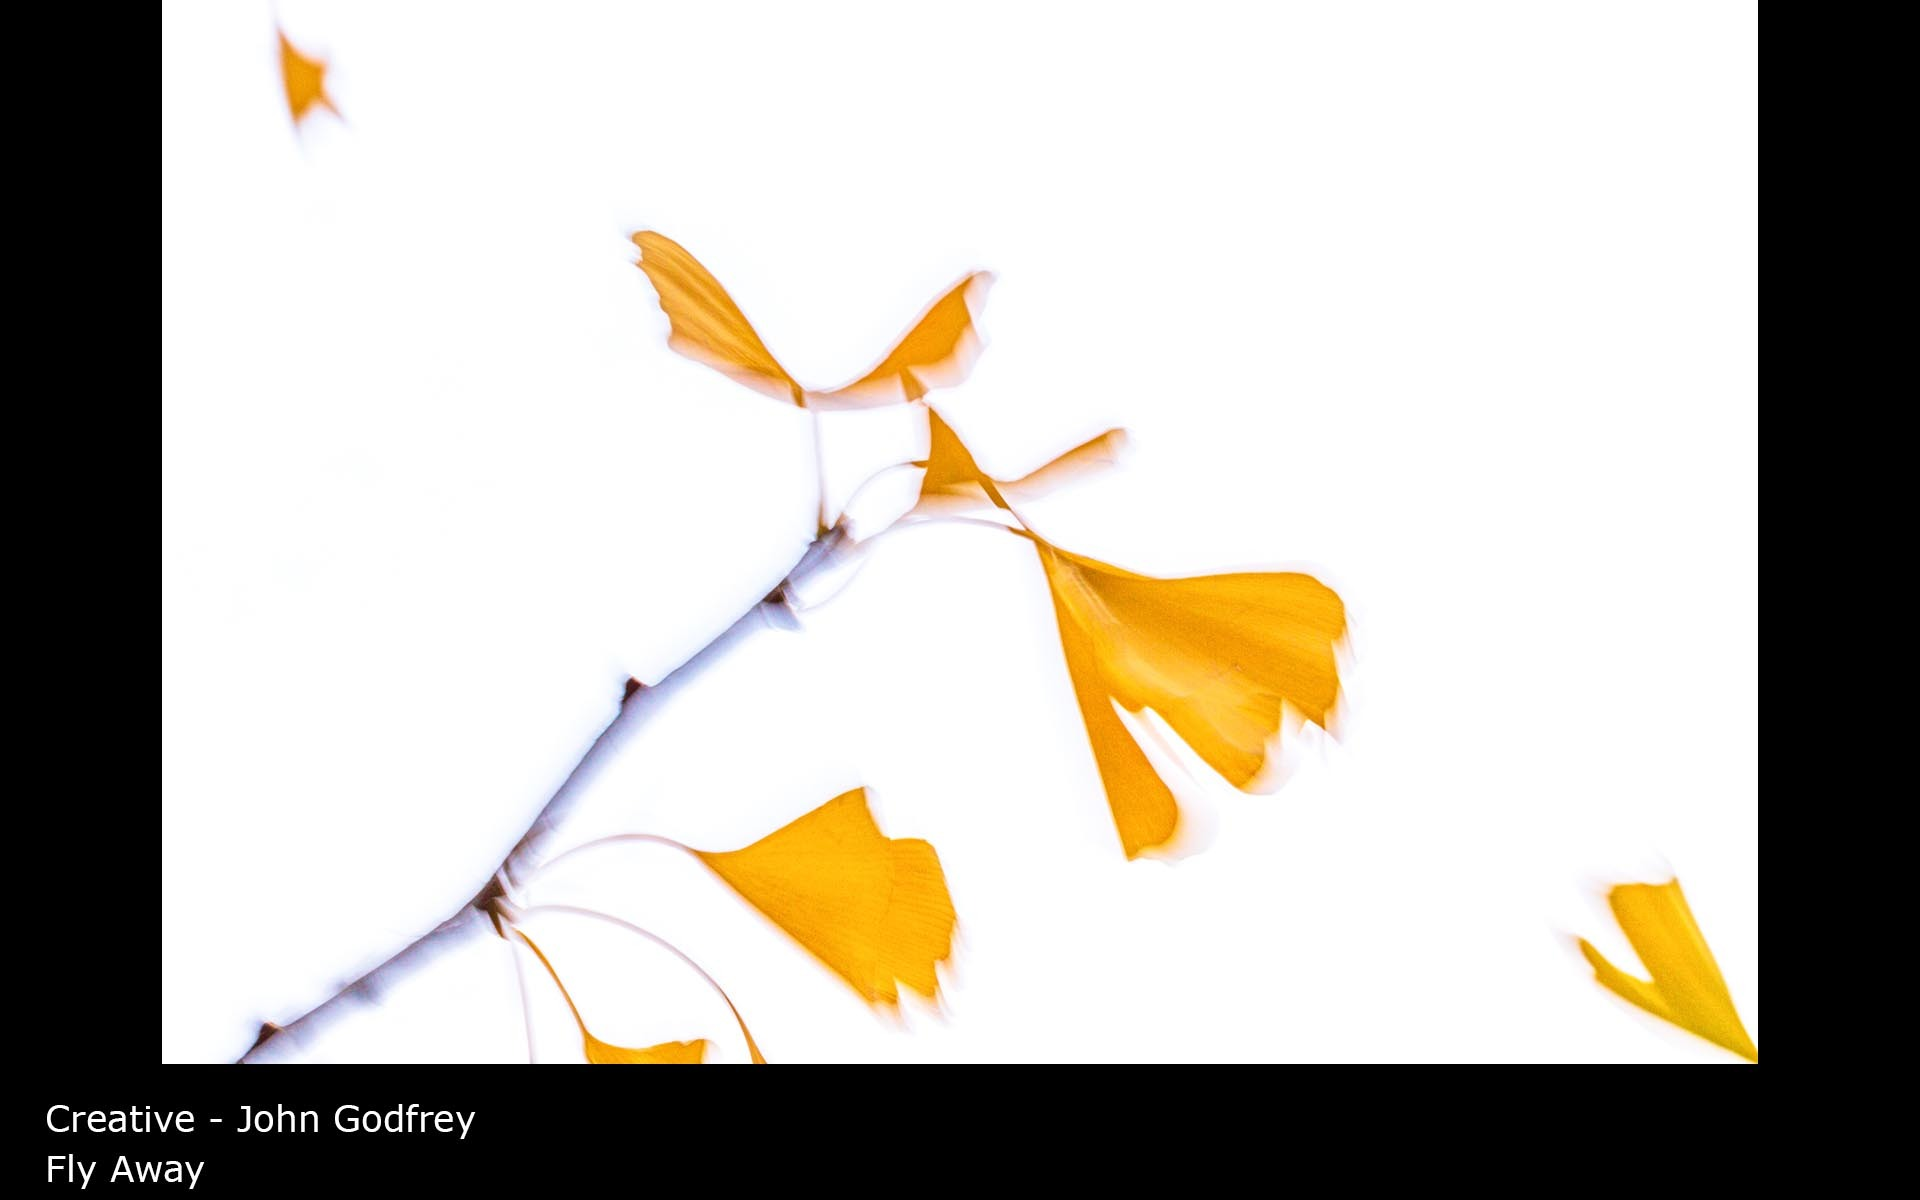 Fly Away - John Godfrey